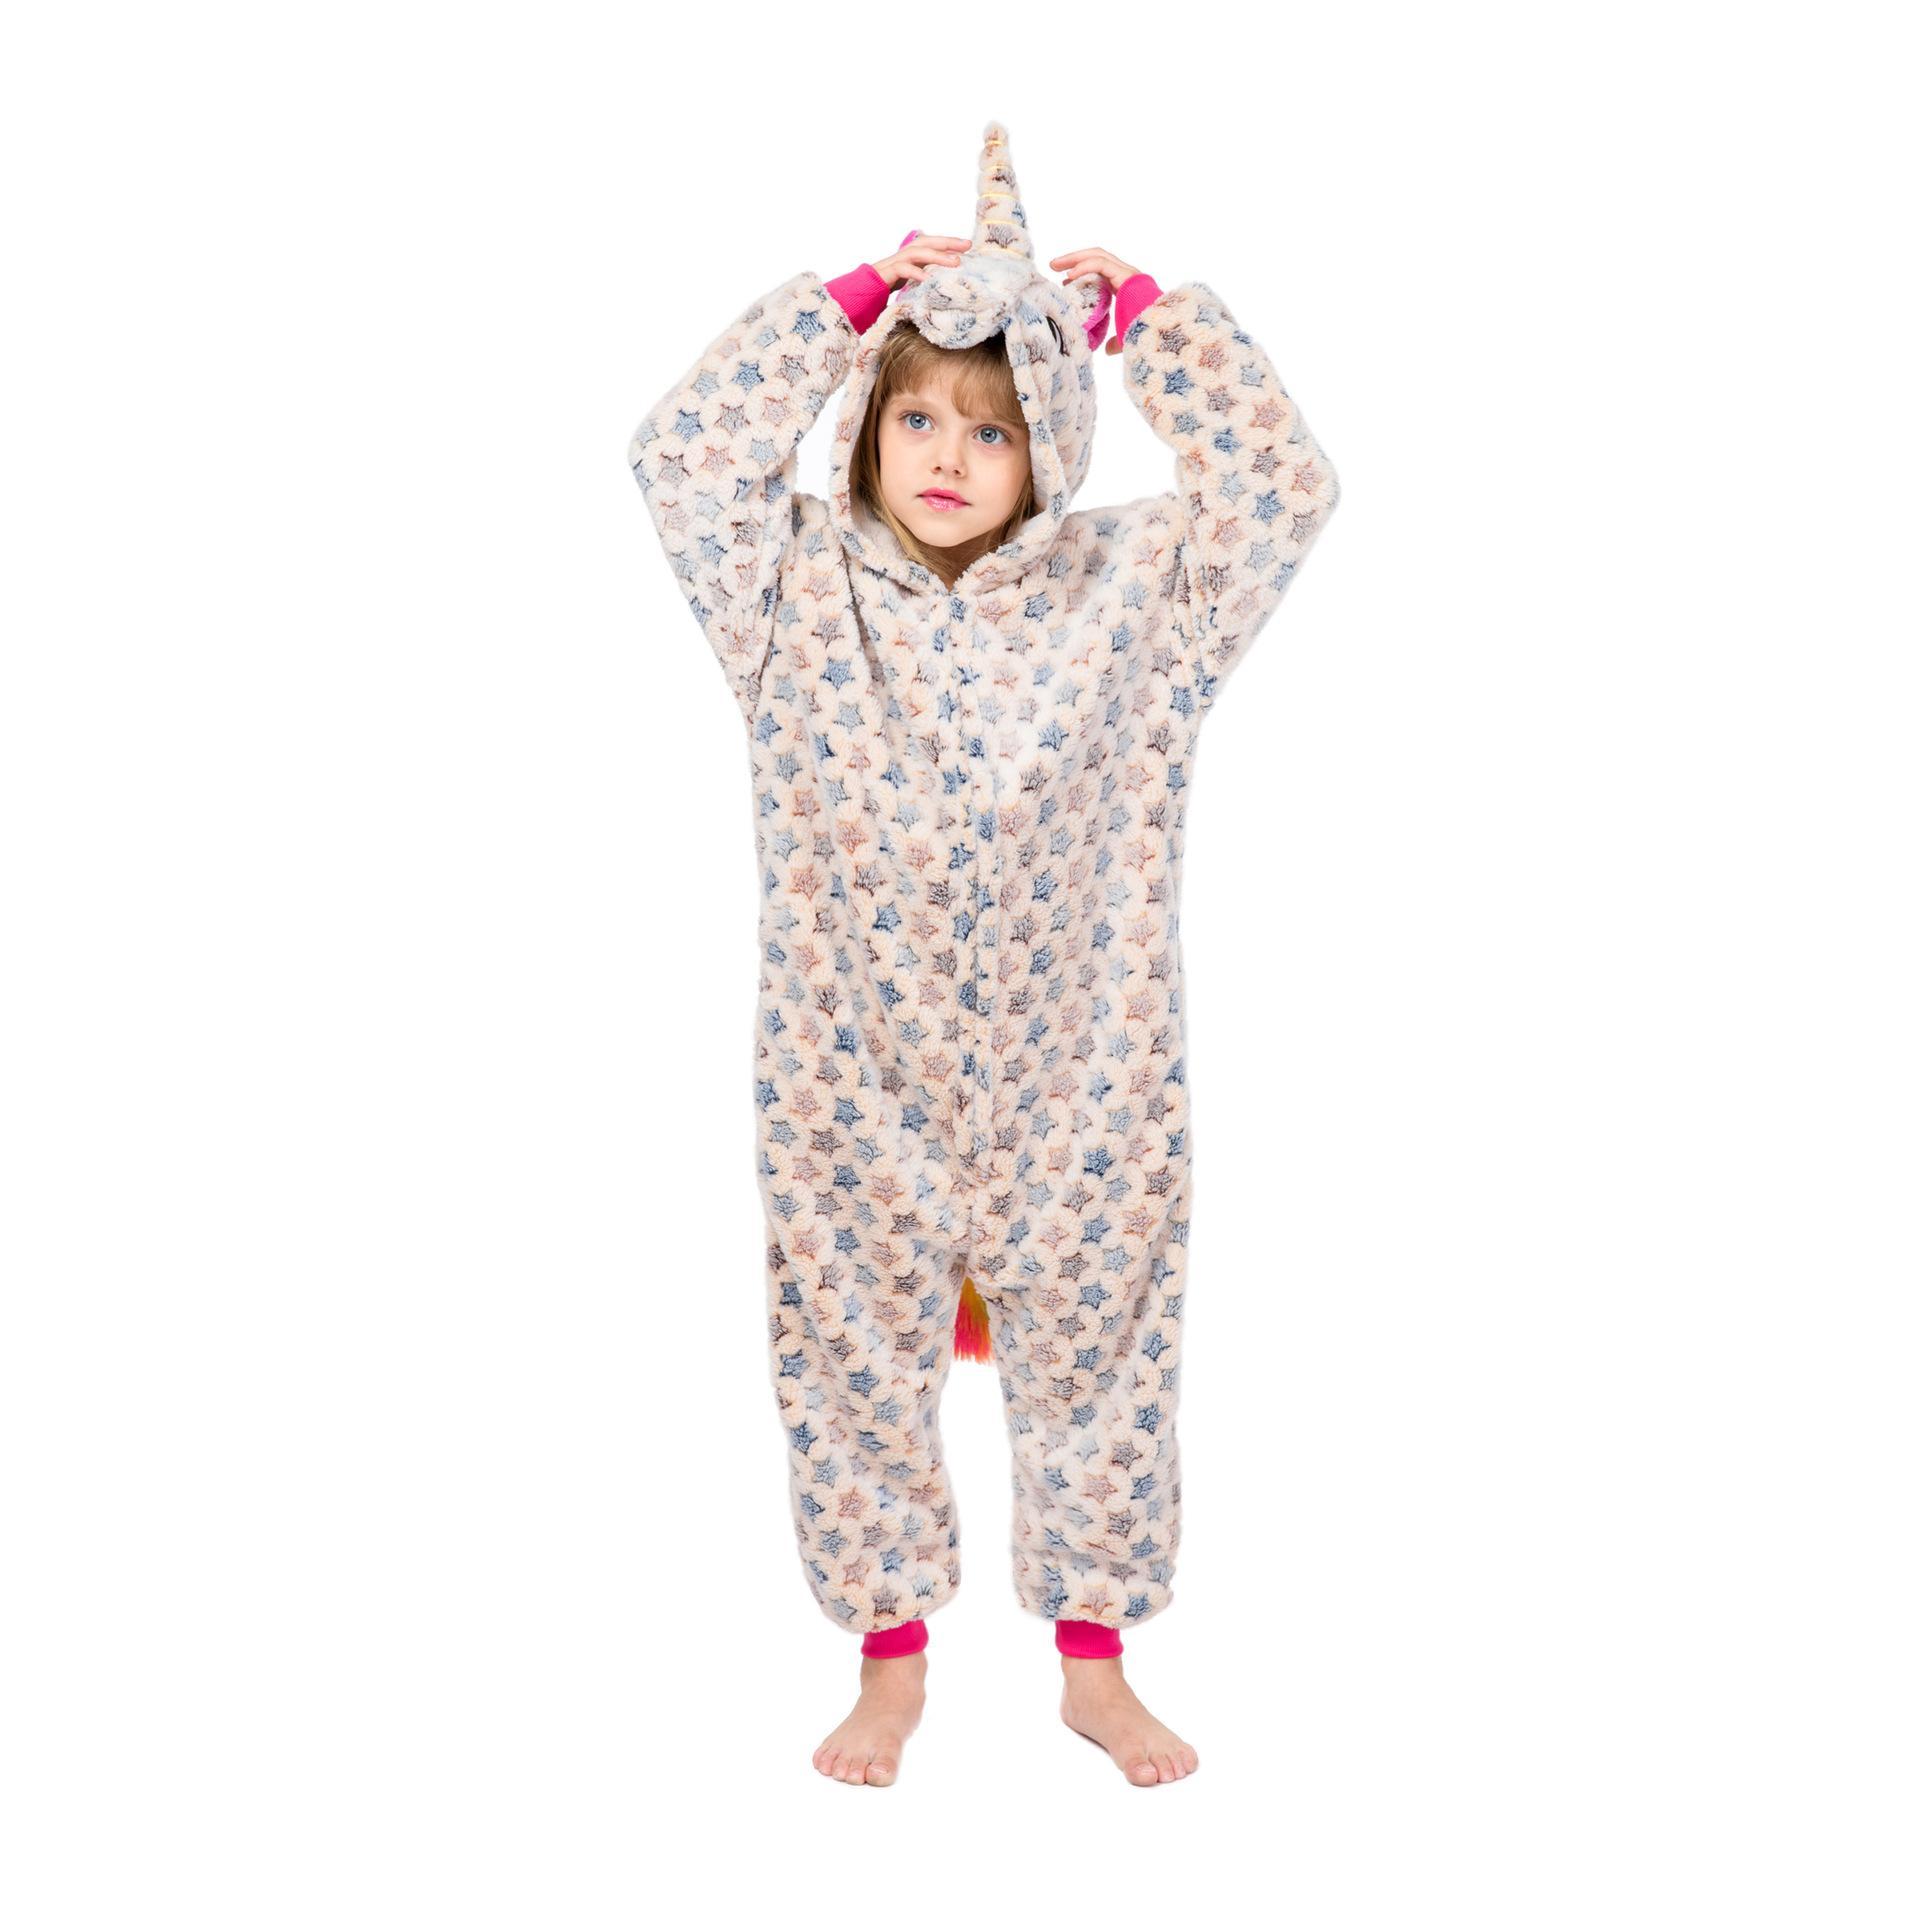 Pigiama per bambini Unicorn Baby Hooded Unicorn Sleepwear Ragazzi Ragazze Cartoon Tutine Bambini Flanella Costume cosplay pagliaccetti GGA2455